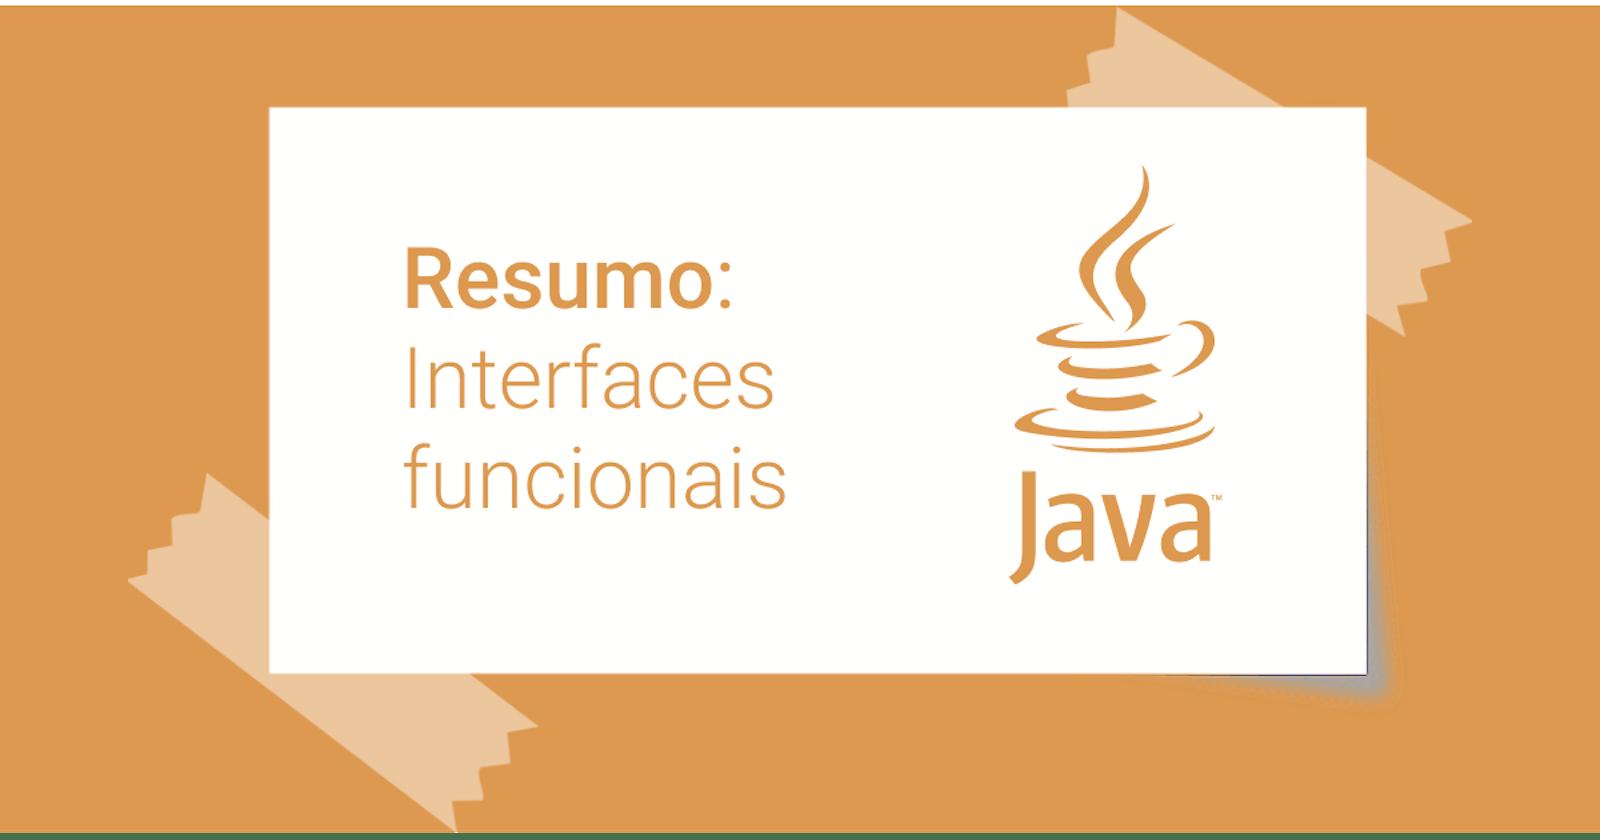 Resumo: Interfaces funcionais em Java